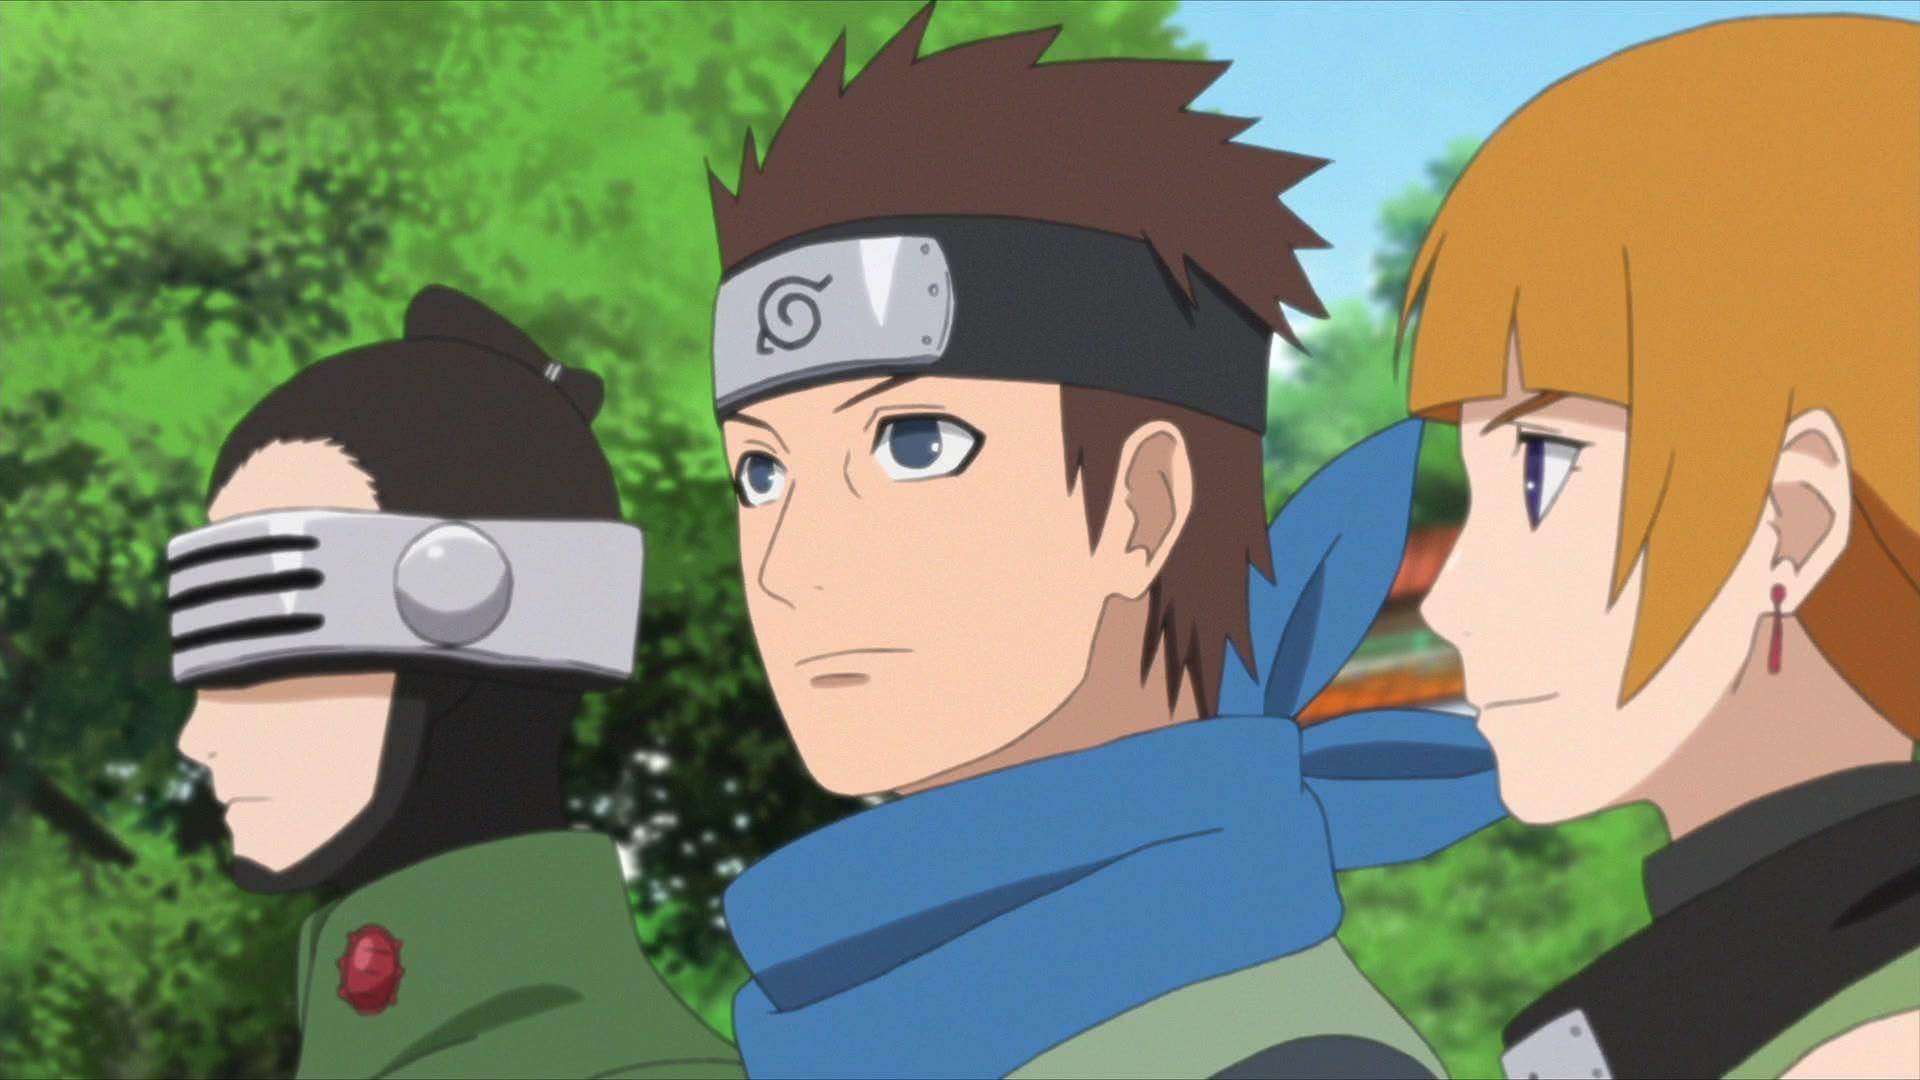 BORUTO: NARUTO NEXT GENERATIONS Episode 12, Boruto and Mitsuki